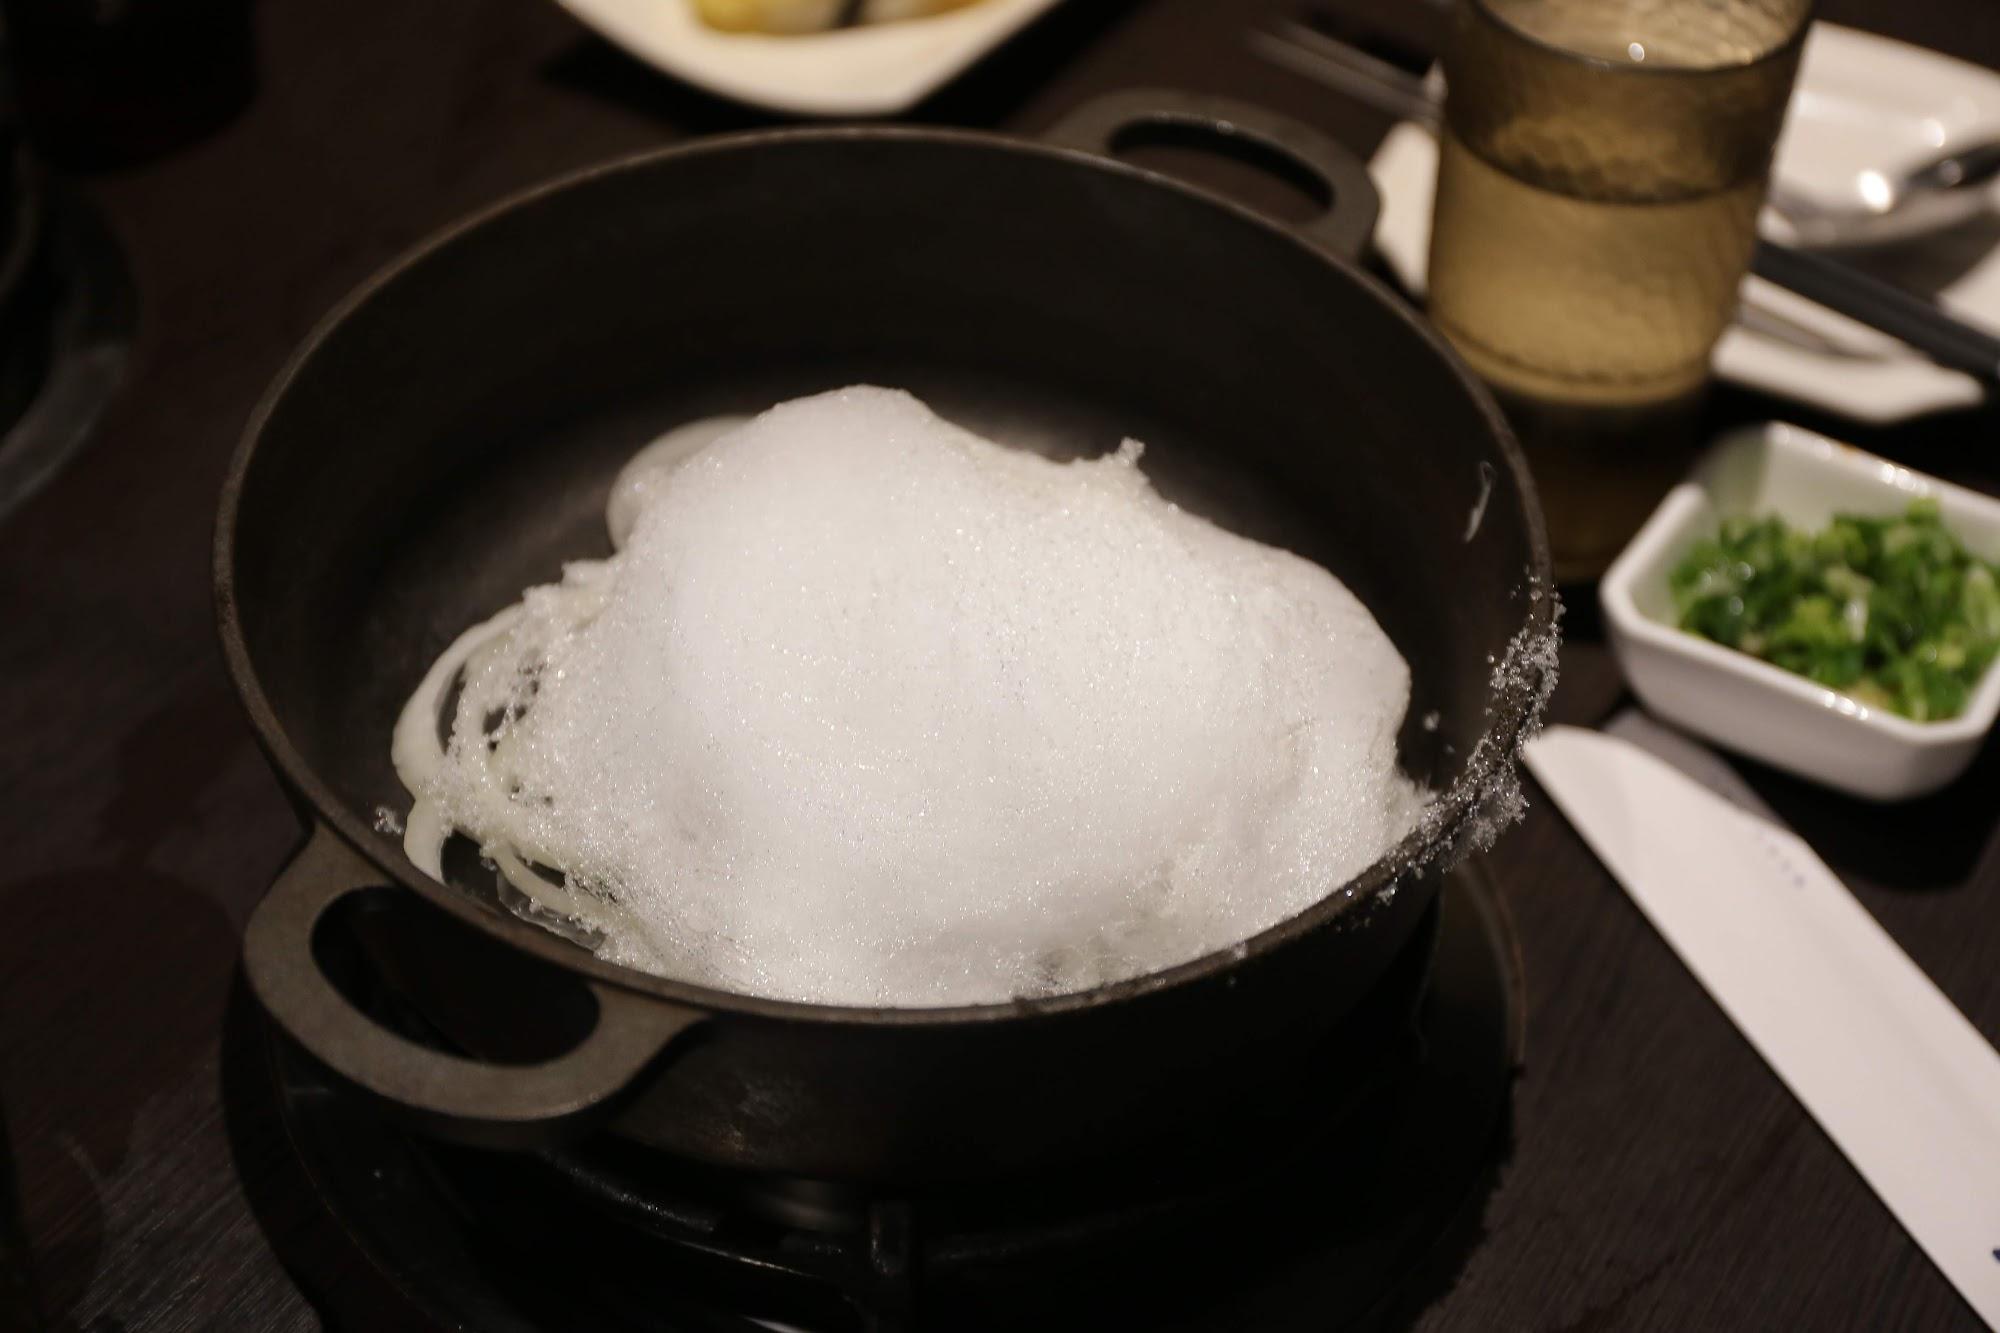 壽喜燒的鍋底,剛開始還在想那白白的是什麼...